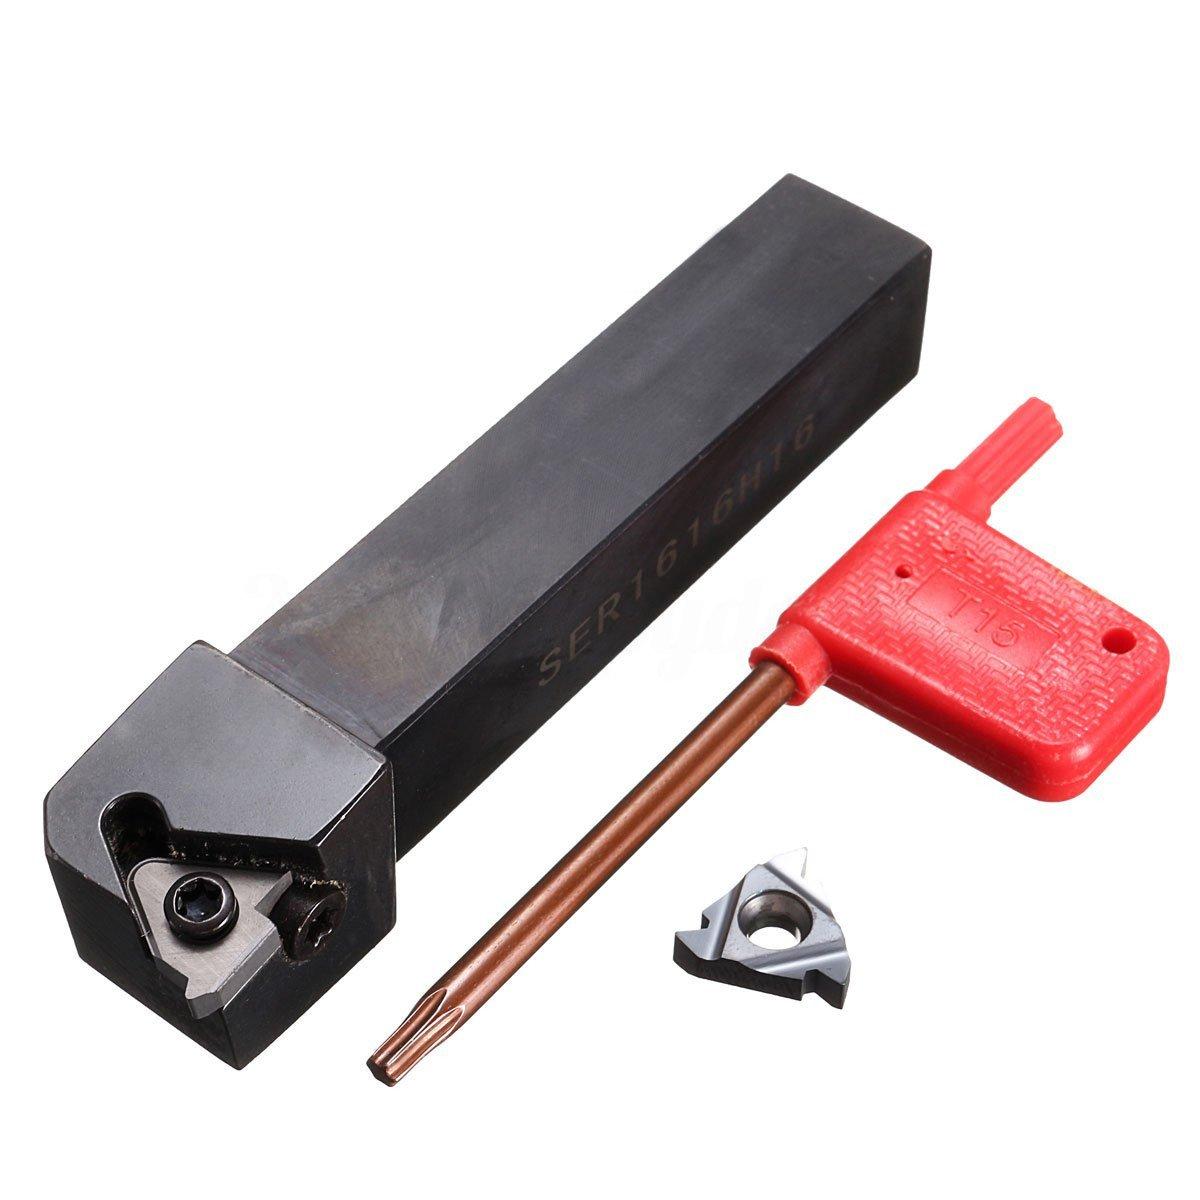 Cikuso 3pzs SER1616H16 Soporte Herramienta de roscado de torneado de torno 16ER AG60 Insercion de cuchilla